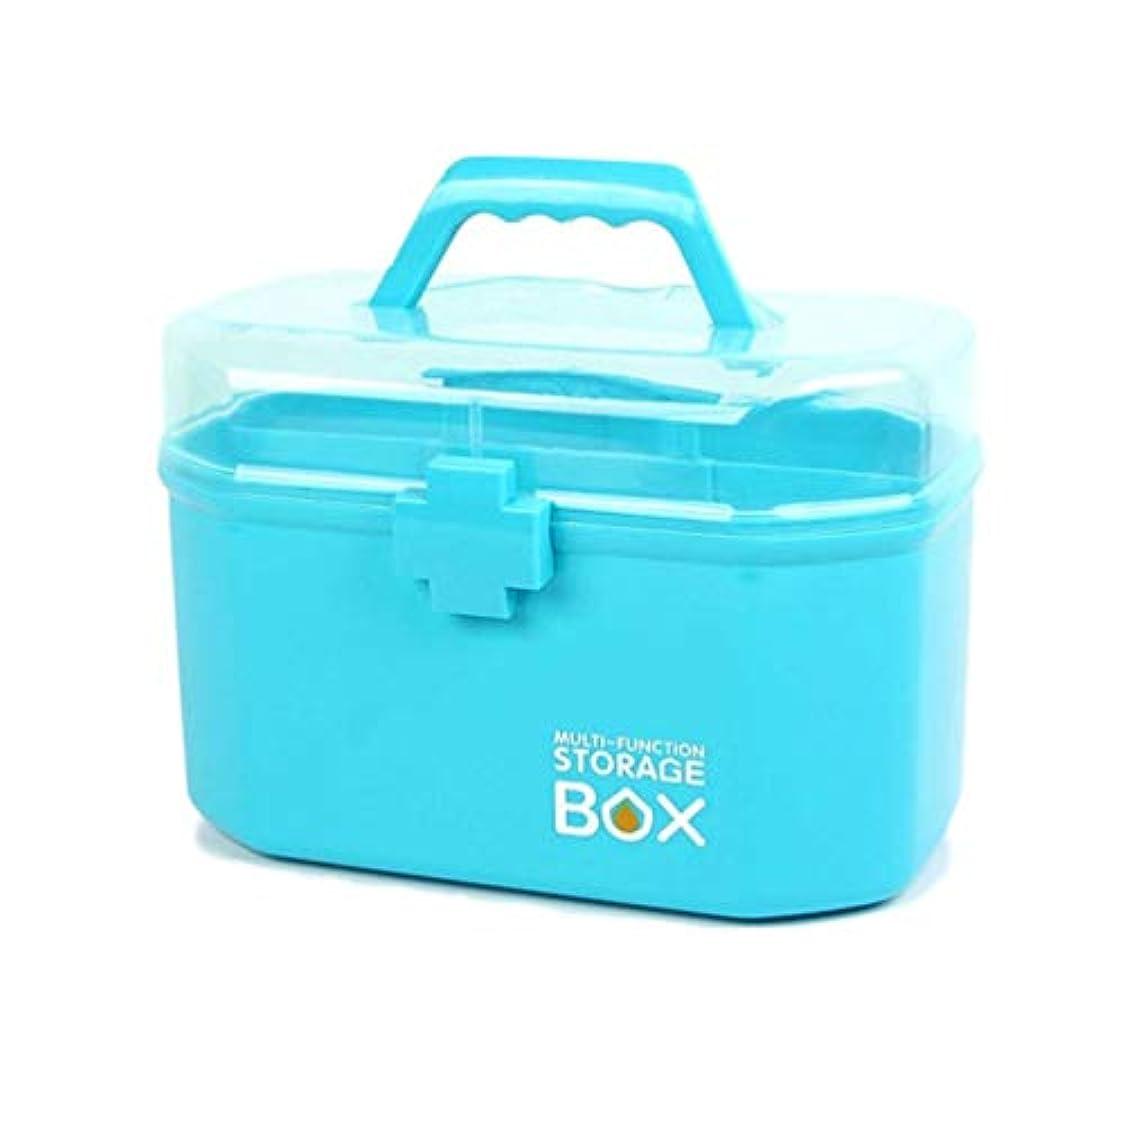 薬箱、家庭用携帯用ポータブル薬収納ボックス、上下層、ハンドルデザイン、小フットプリント